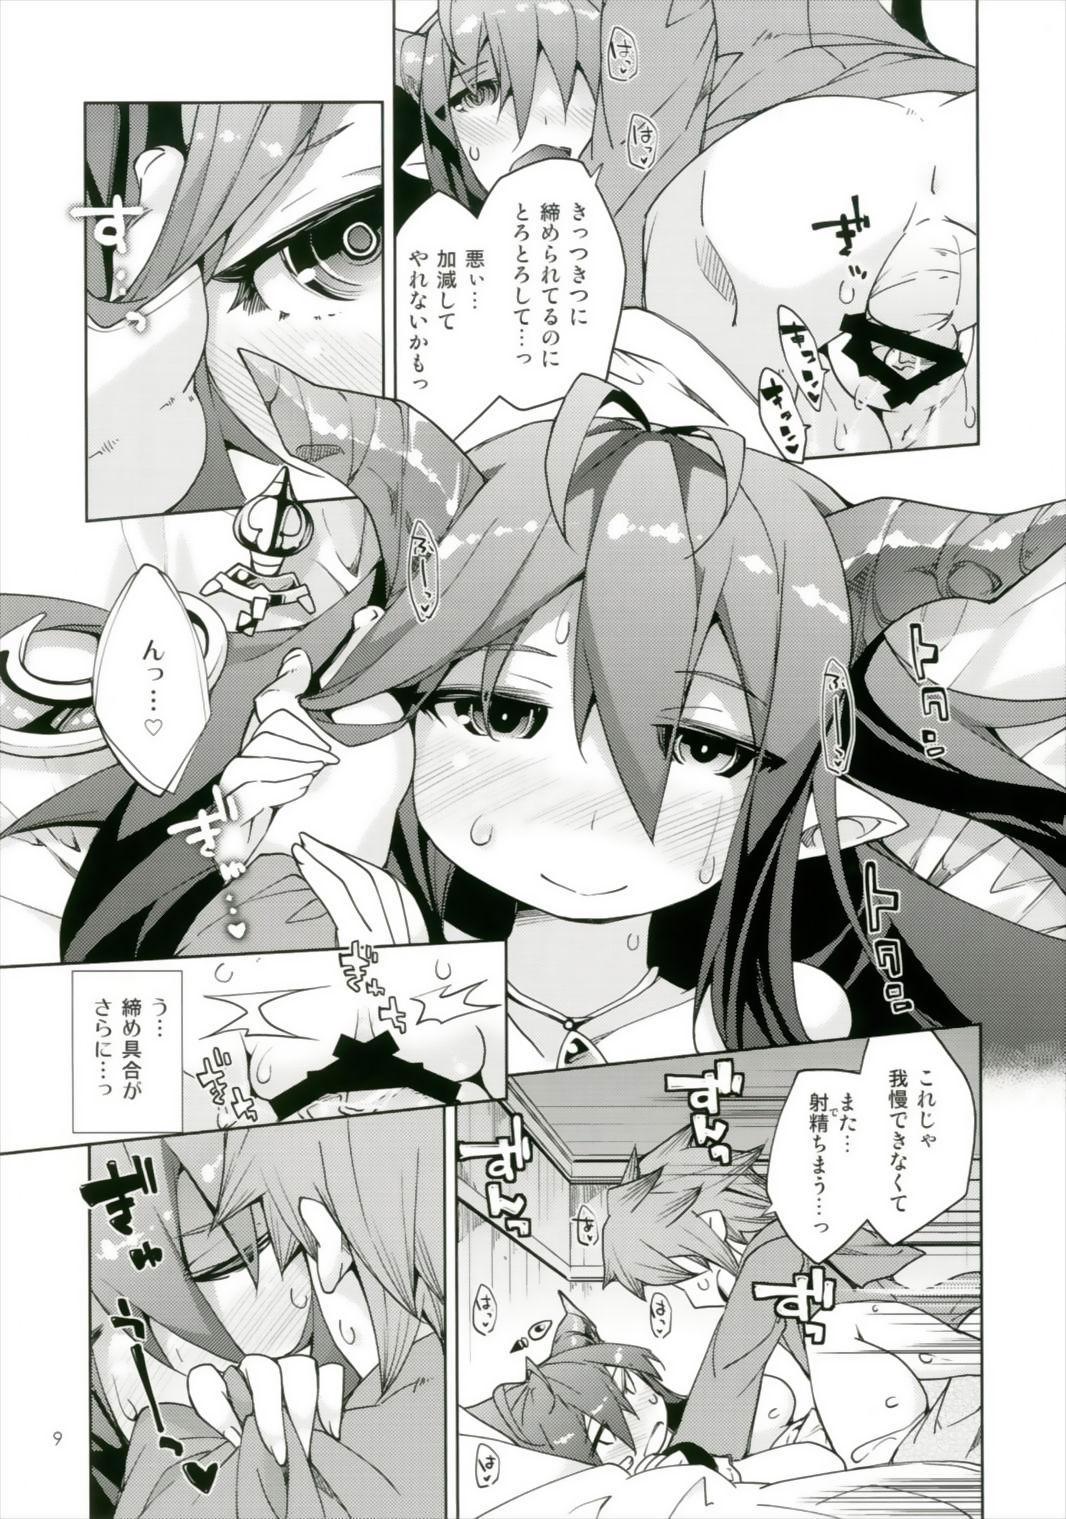 Kikuushi-sama e no Shinmitsudo ga MAX ni Narimashita! 8